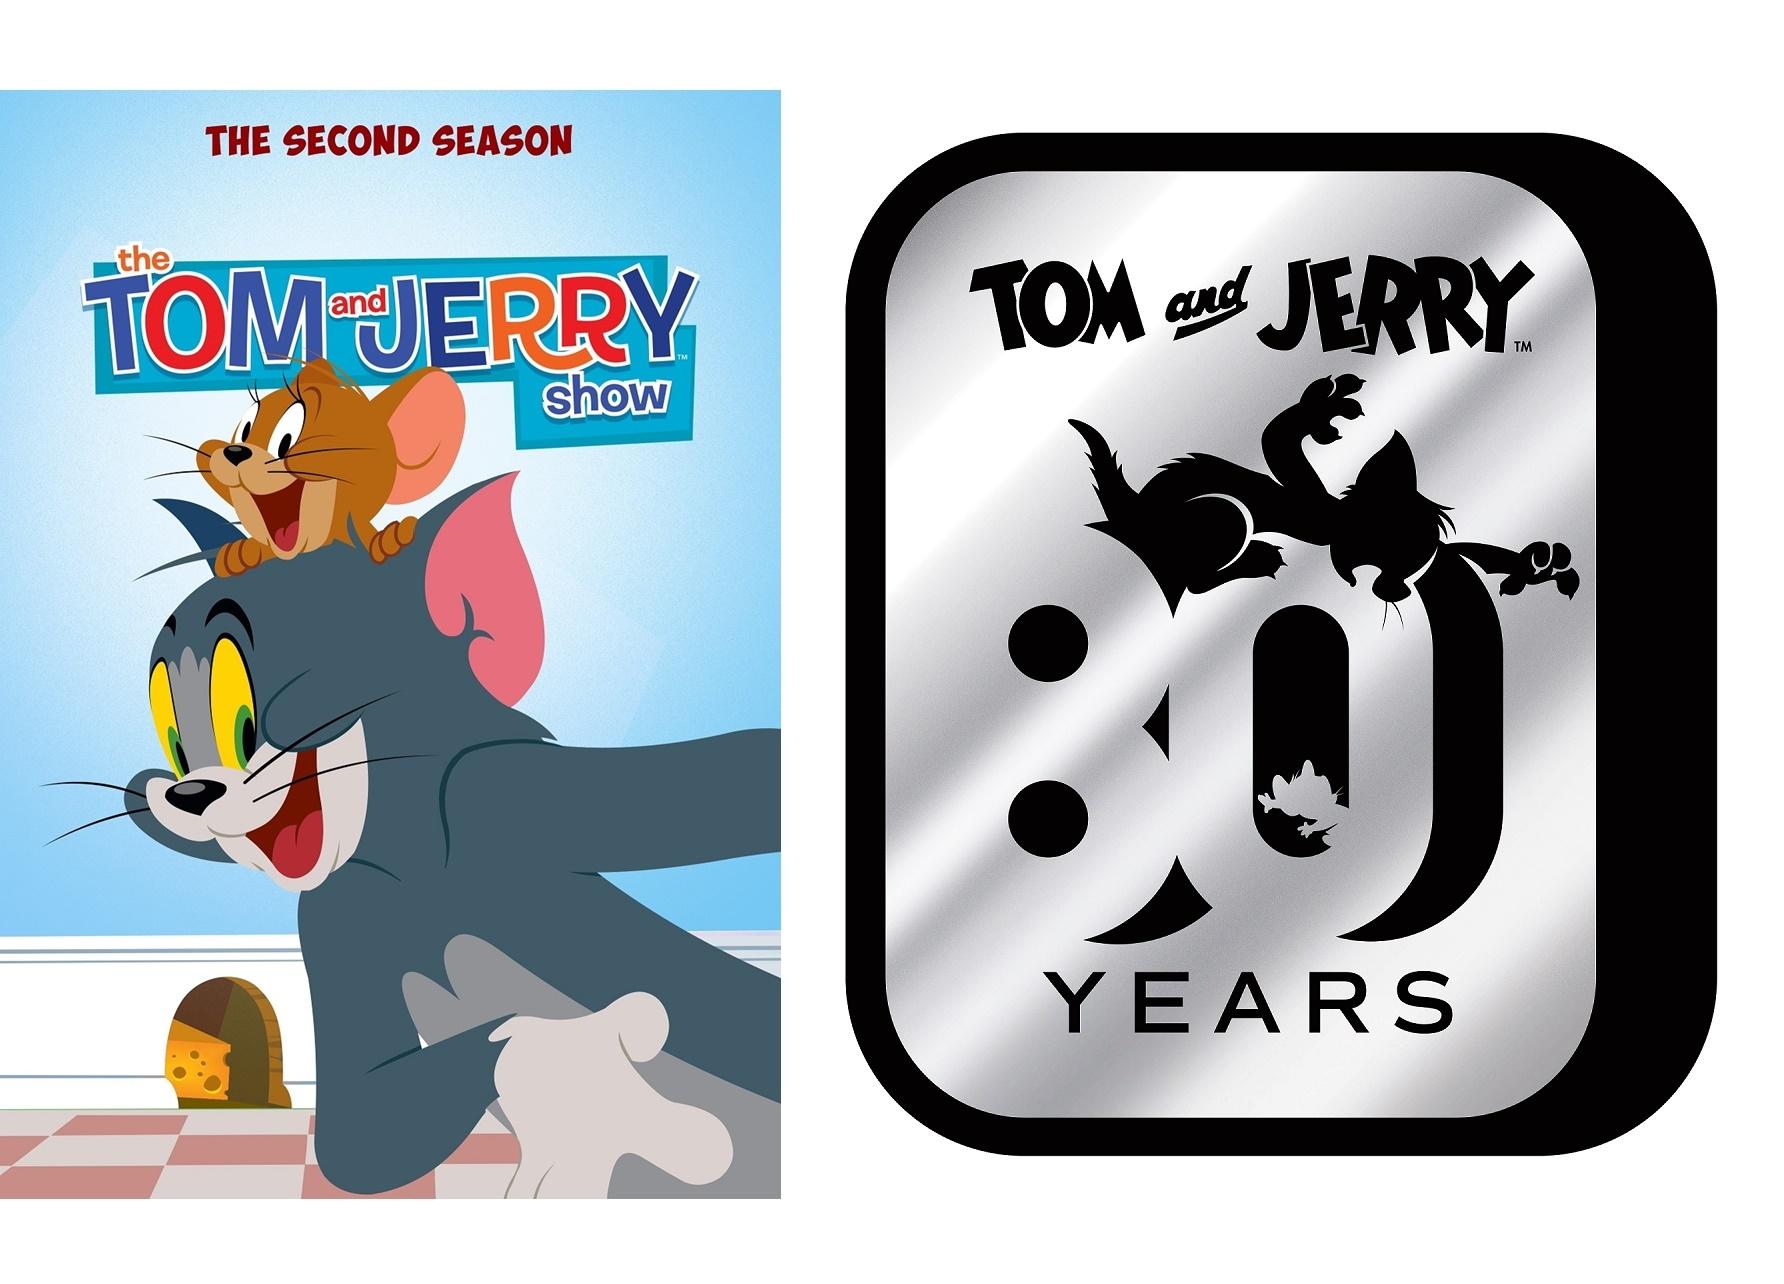 『トムとジェリー ショー 2』8月18日よりNHK BSプレミアムにて放送開始